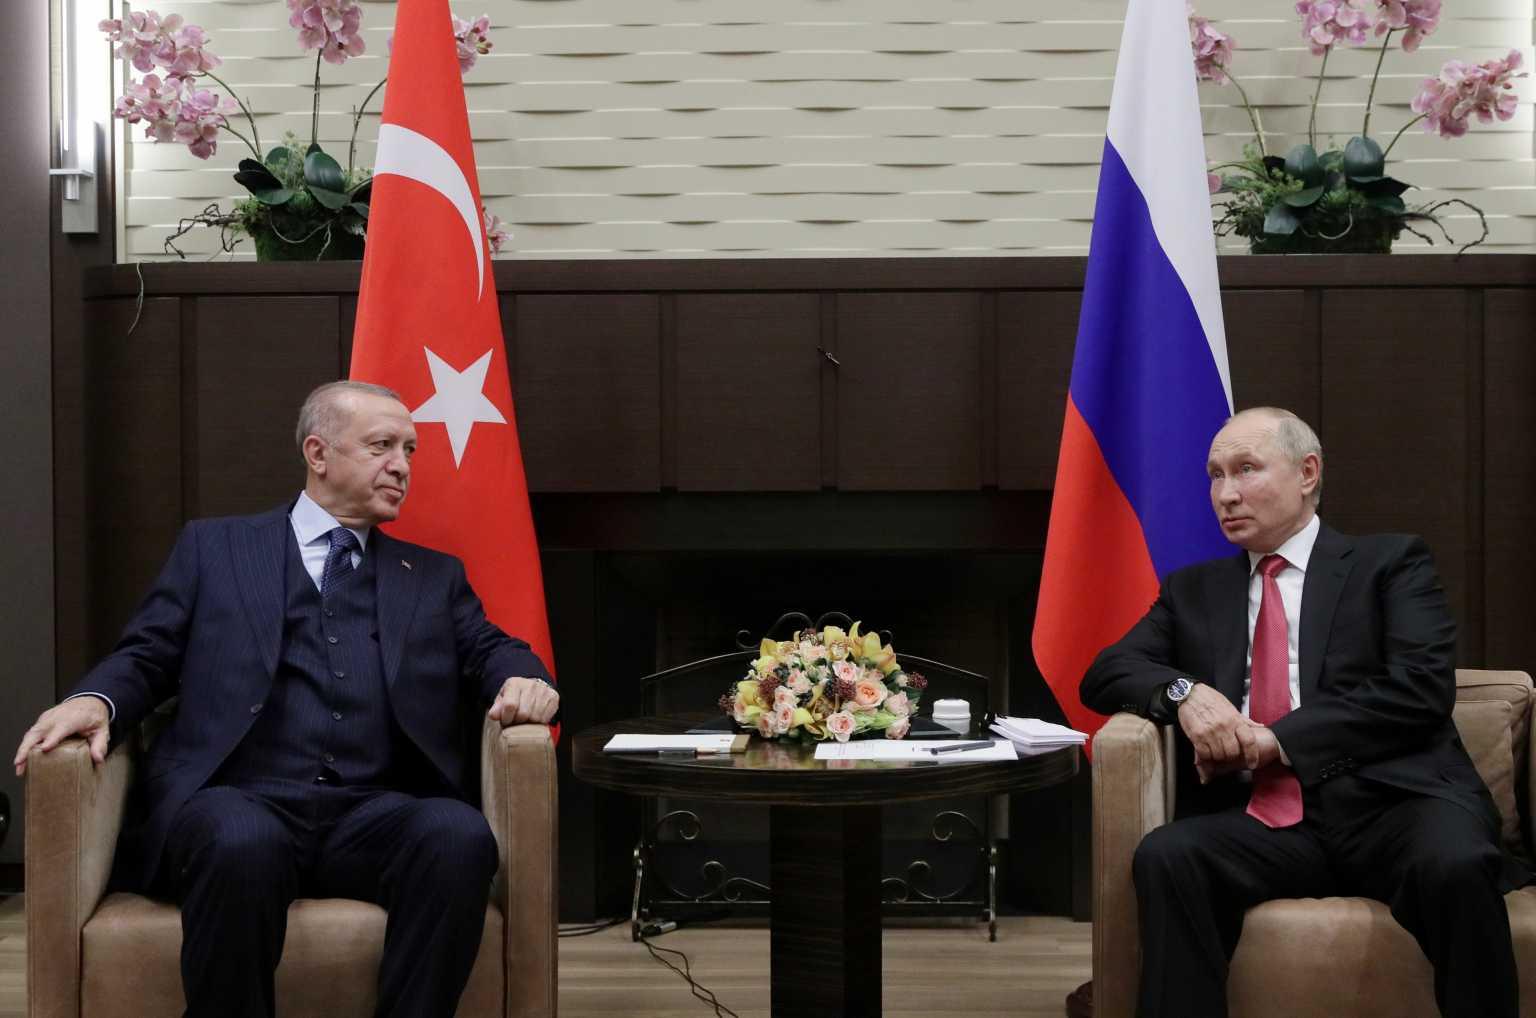 Βλαντίμιρ Πούτιν – Ταγίπ Ερντογάν: Σιγή ιχθύος για τους S-400 μετά την τρίωρη συνάντηση